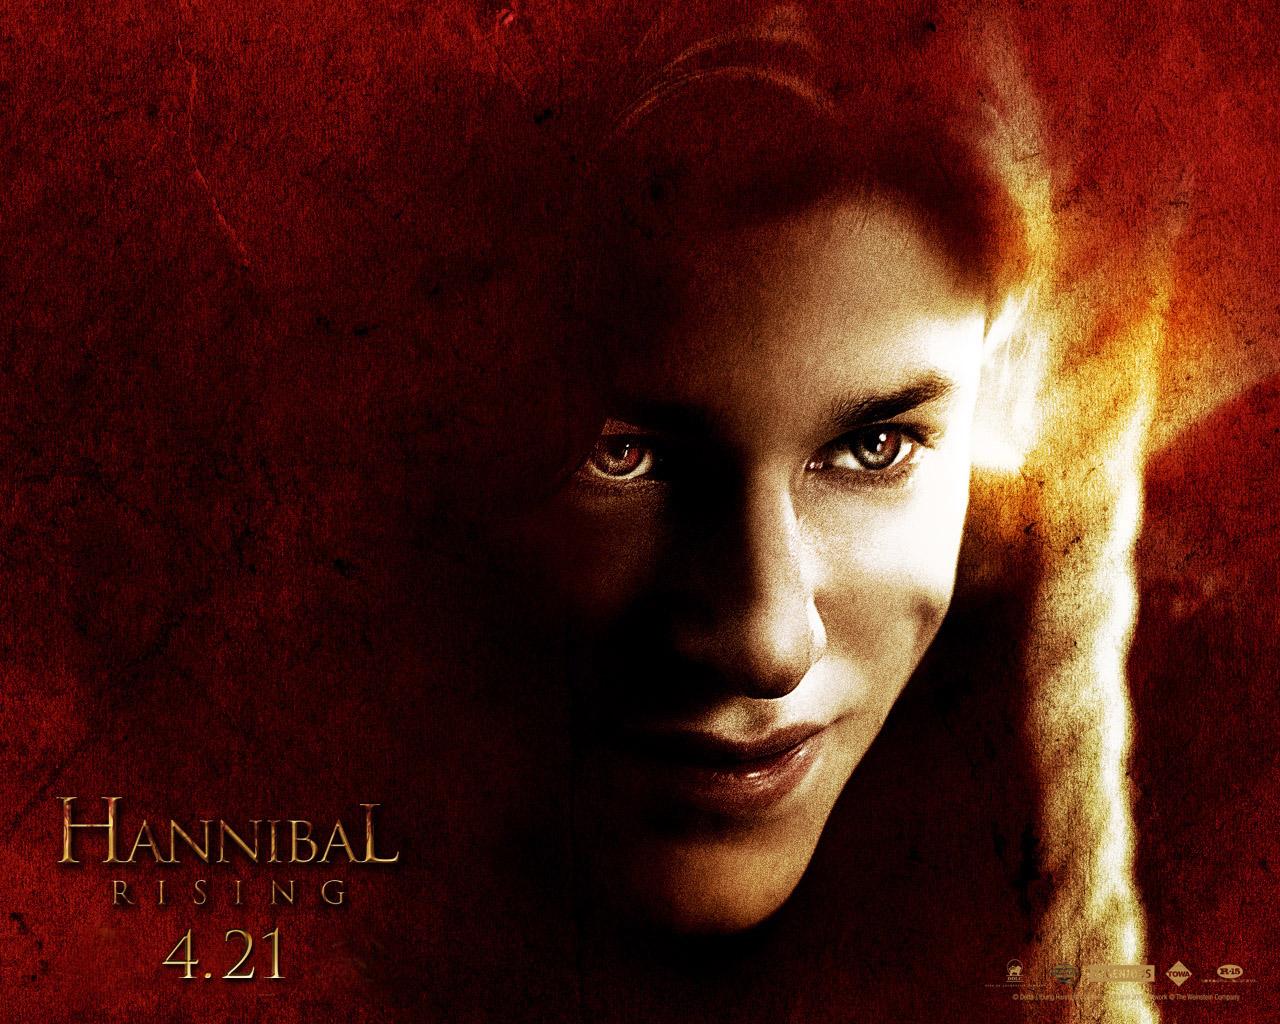 Hannibal_4